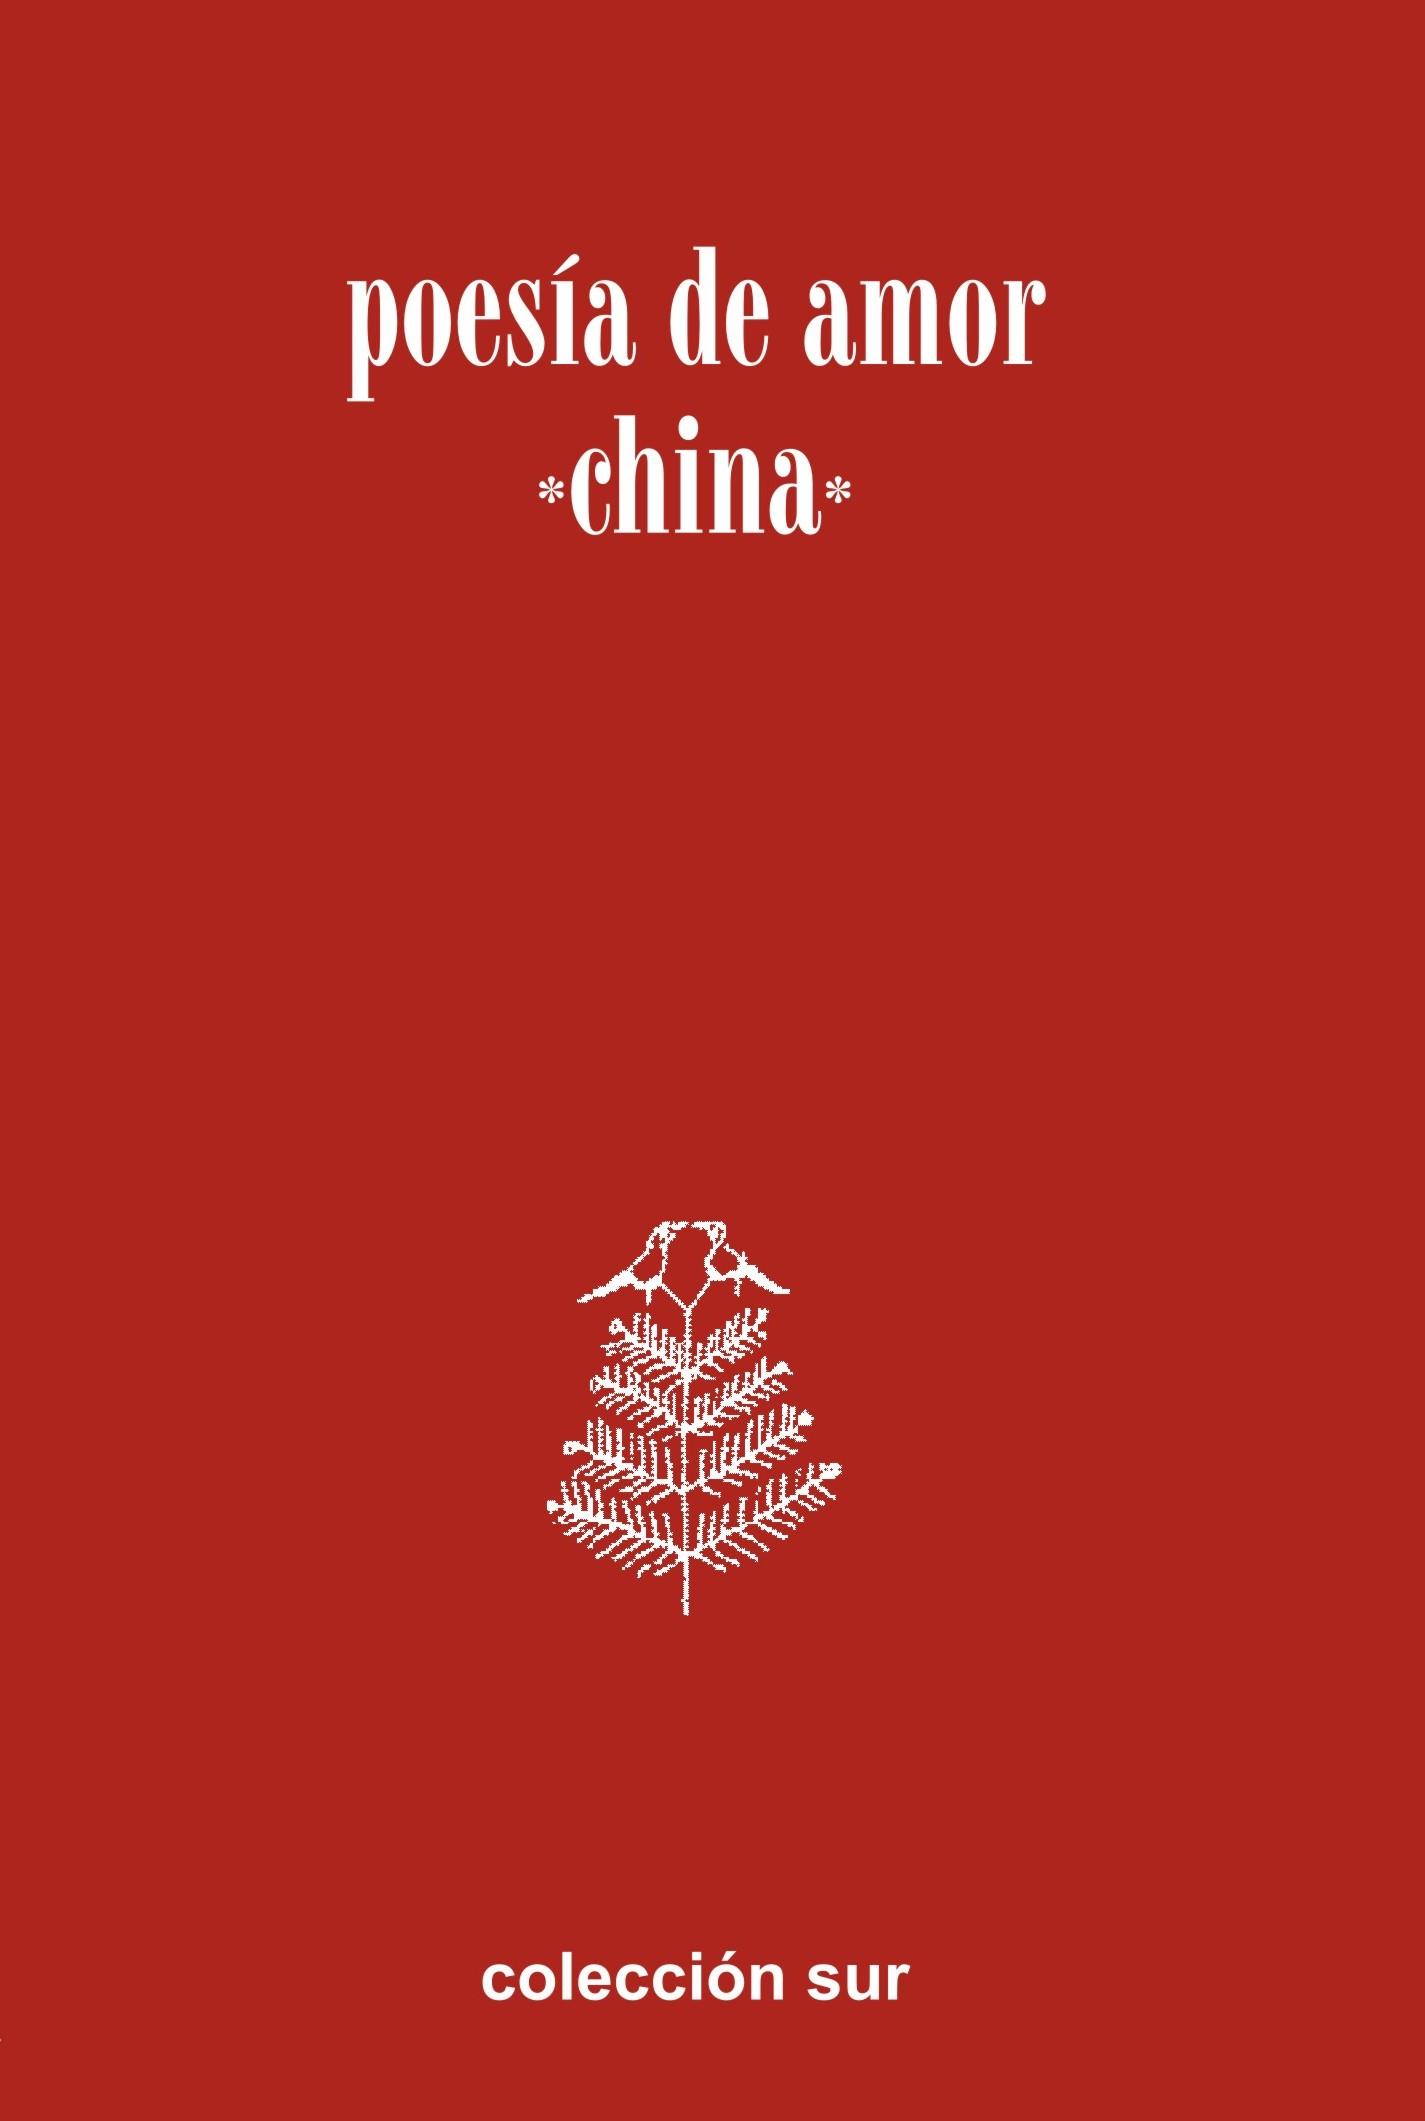 Poesía de amor china